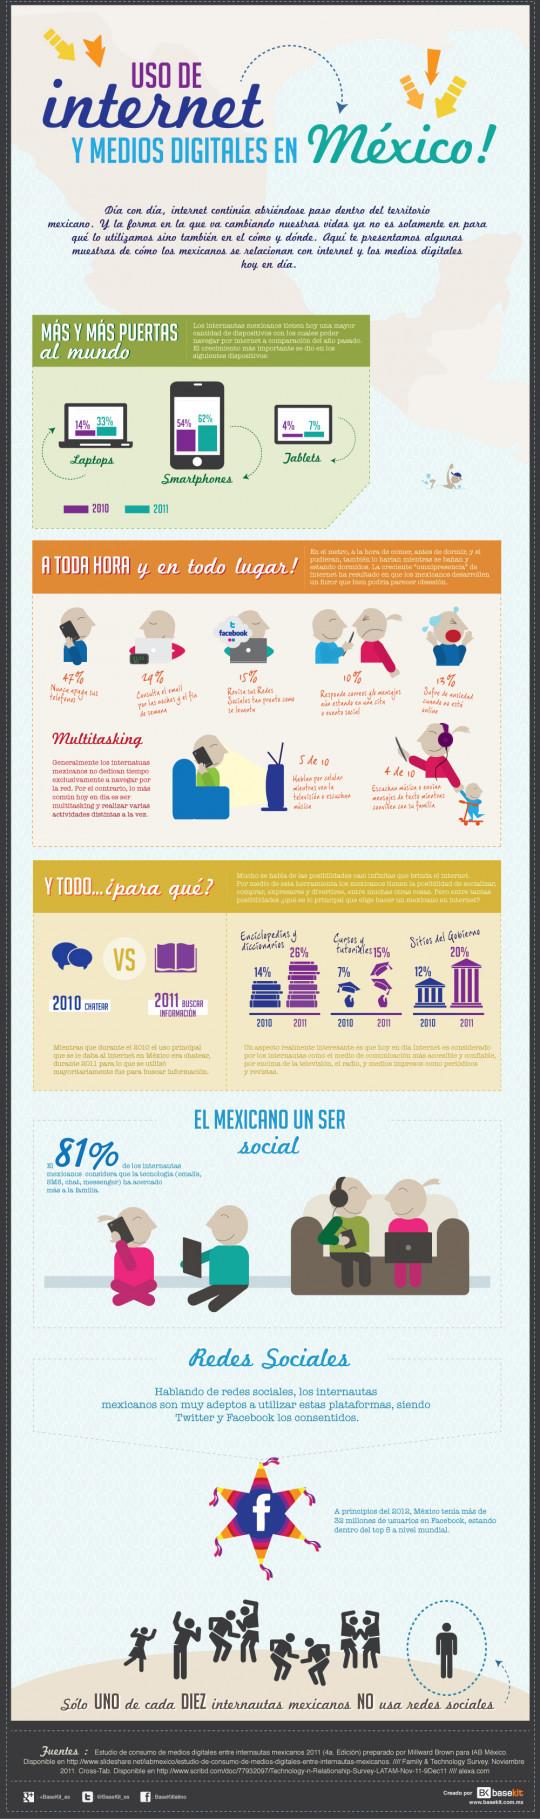 Uso de internet y medios digitales en México